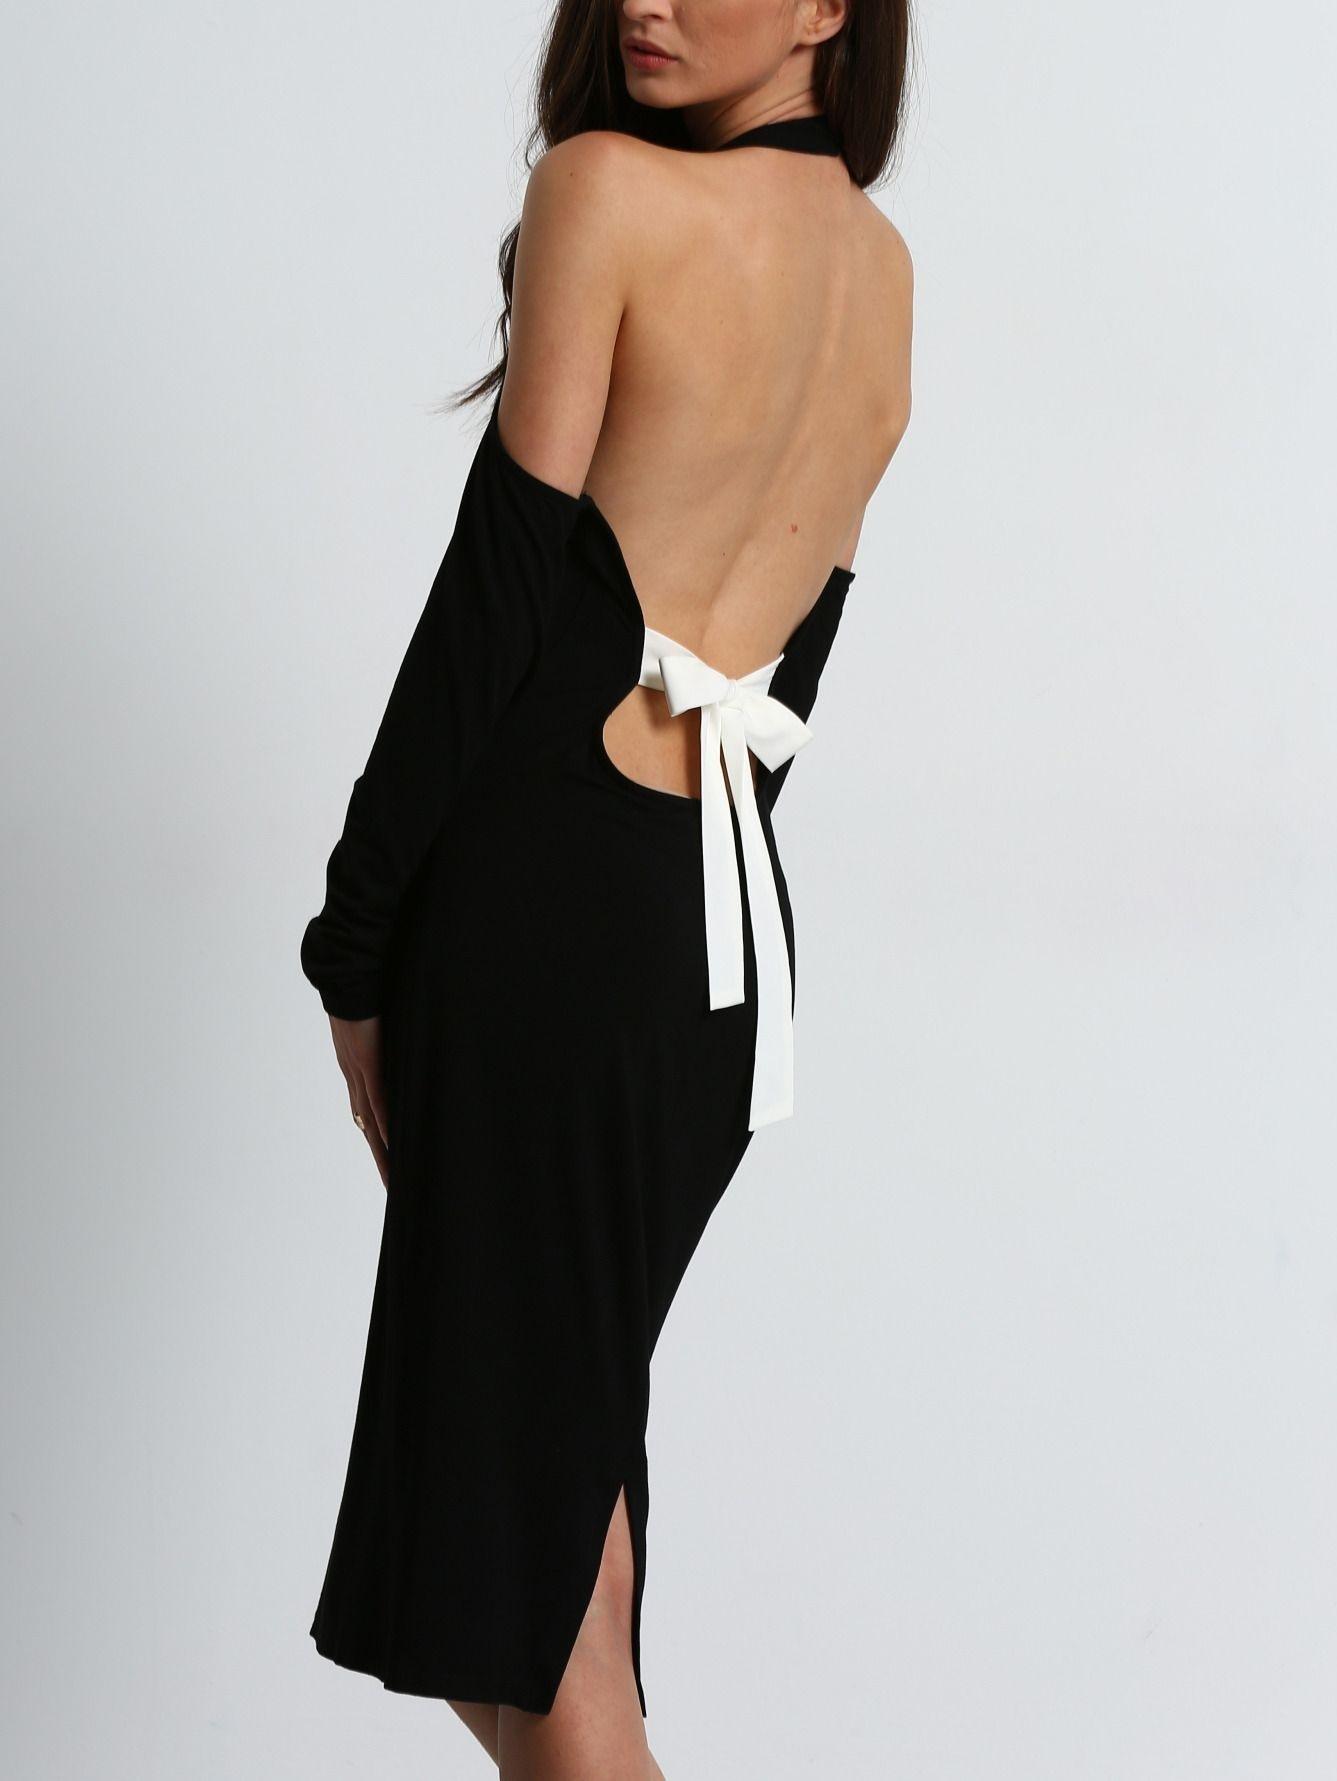 15 Schön Kleid Rückenfrei Boutique20 Coolste Kleid Rückenfrei Stylish